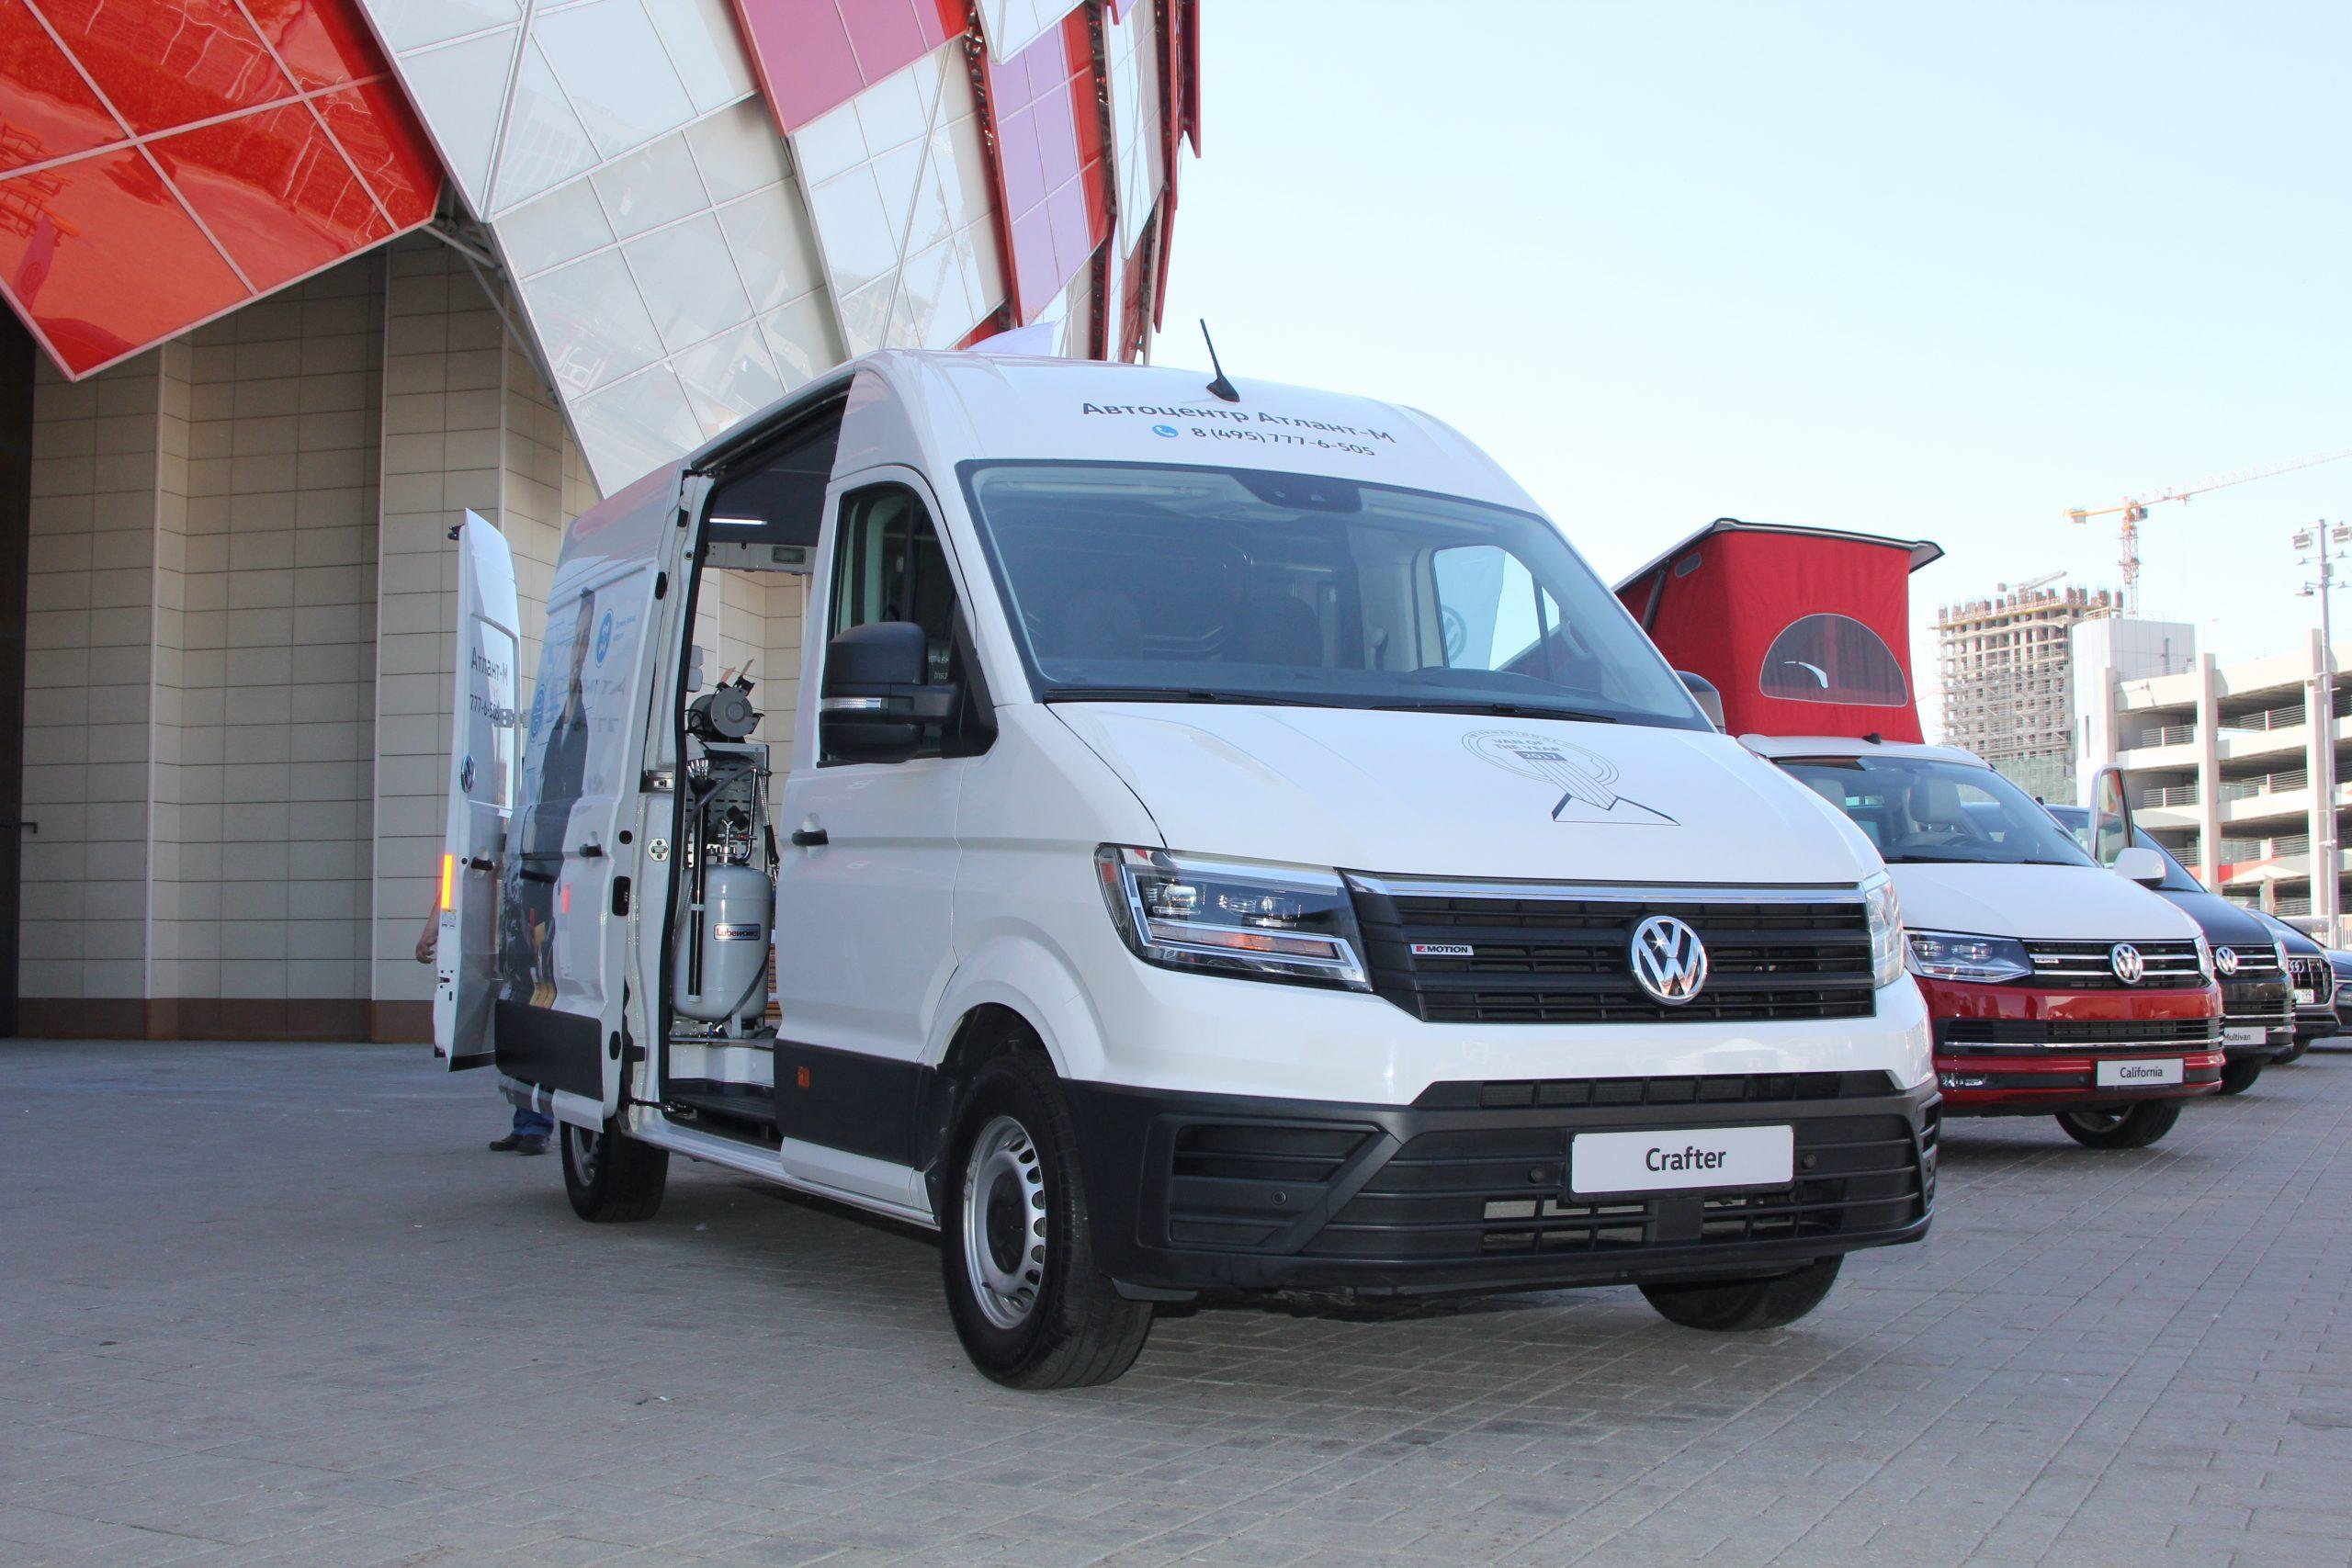 Спецверсии по привычной схеме: Volkswagen Коммерческие автомобили внедряет централизованную схему поставки спецавтомобилей в дилерские центры.